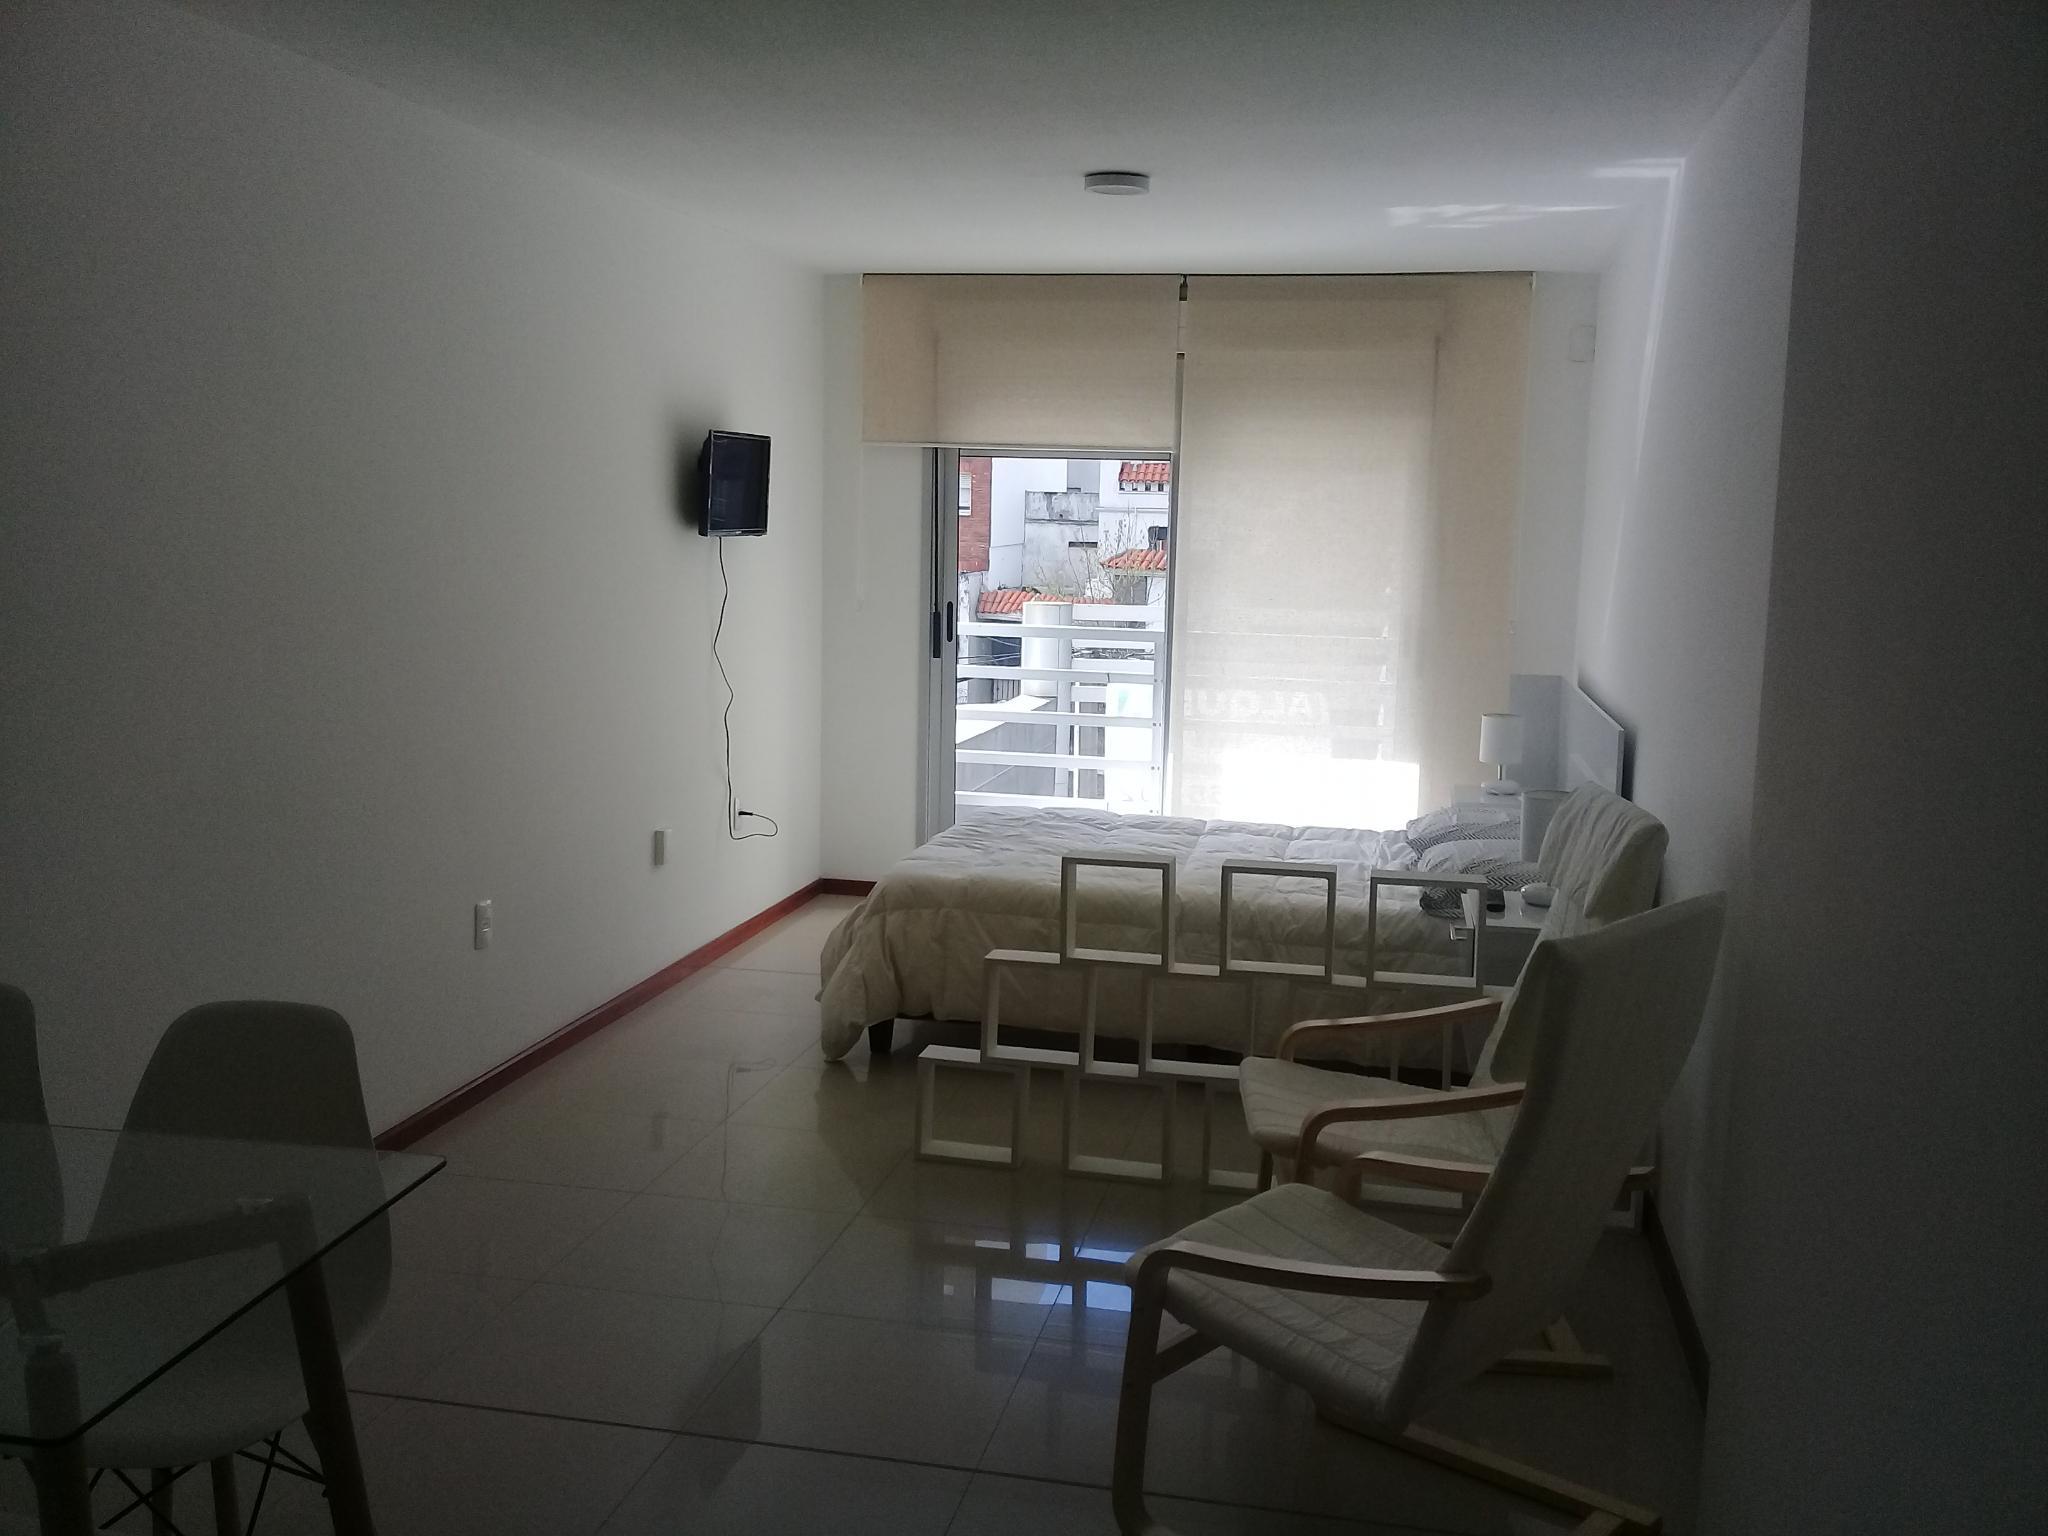 Alq. Temporario Equipado, Garage Y Gastos Comunes - Incluidos Pocitos